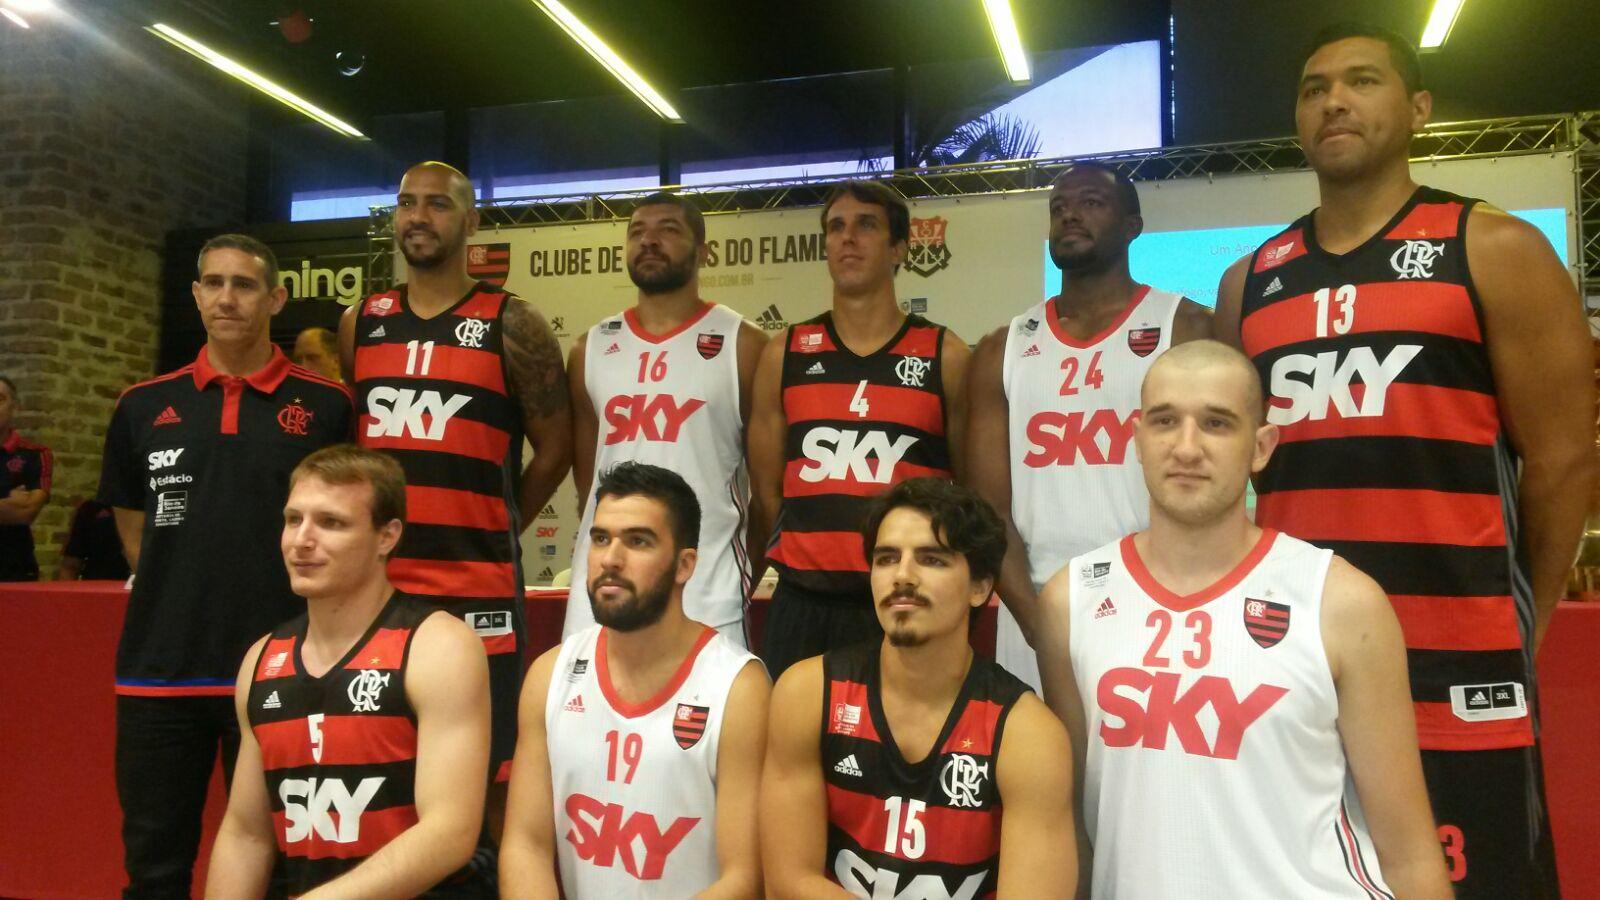 8c0536d111 Na manhã desta sexta-feira (25.09), o Flamengo apresentou os novos uniformes  e o elenco de basquete para a temporada 2015/2016.